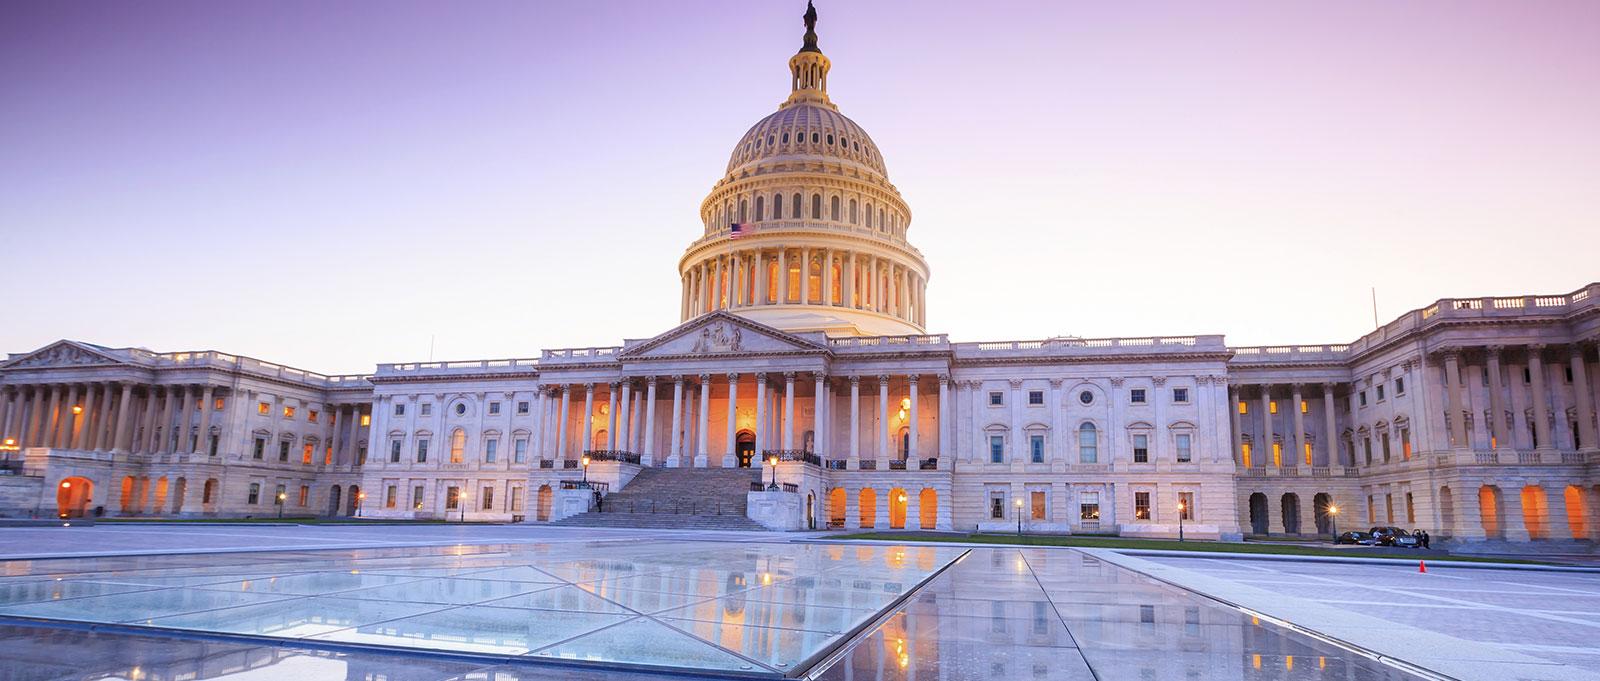 Washington United States Capitol